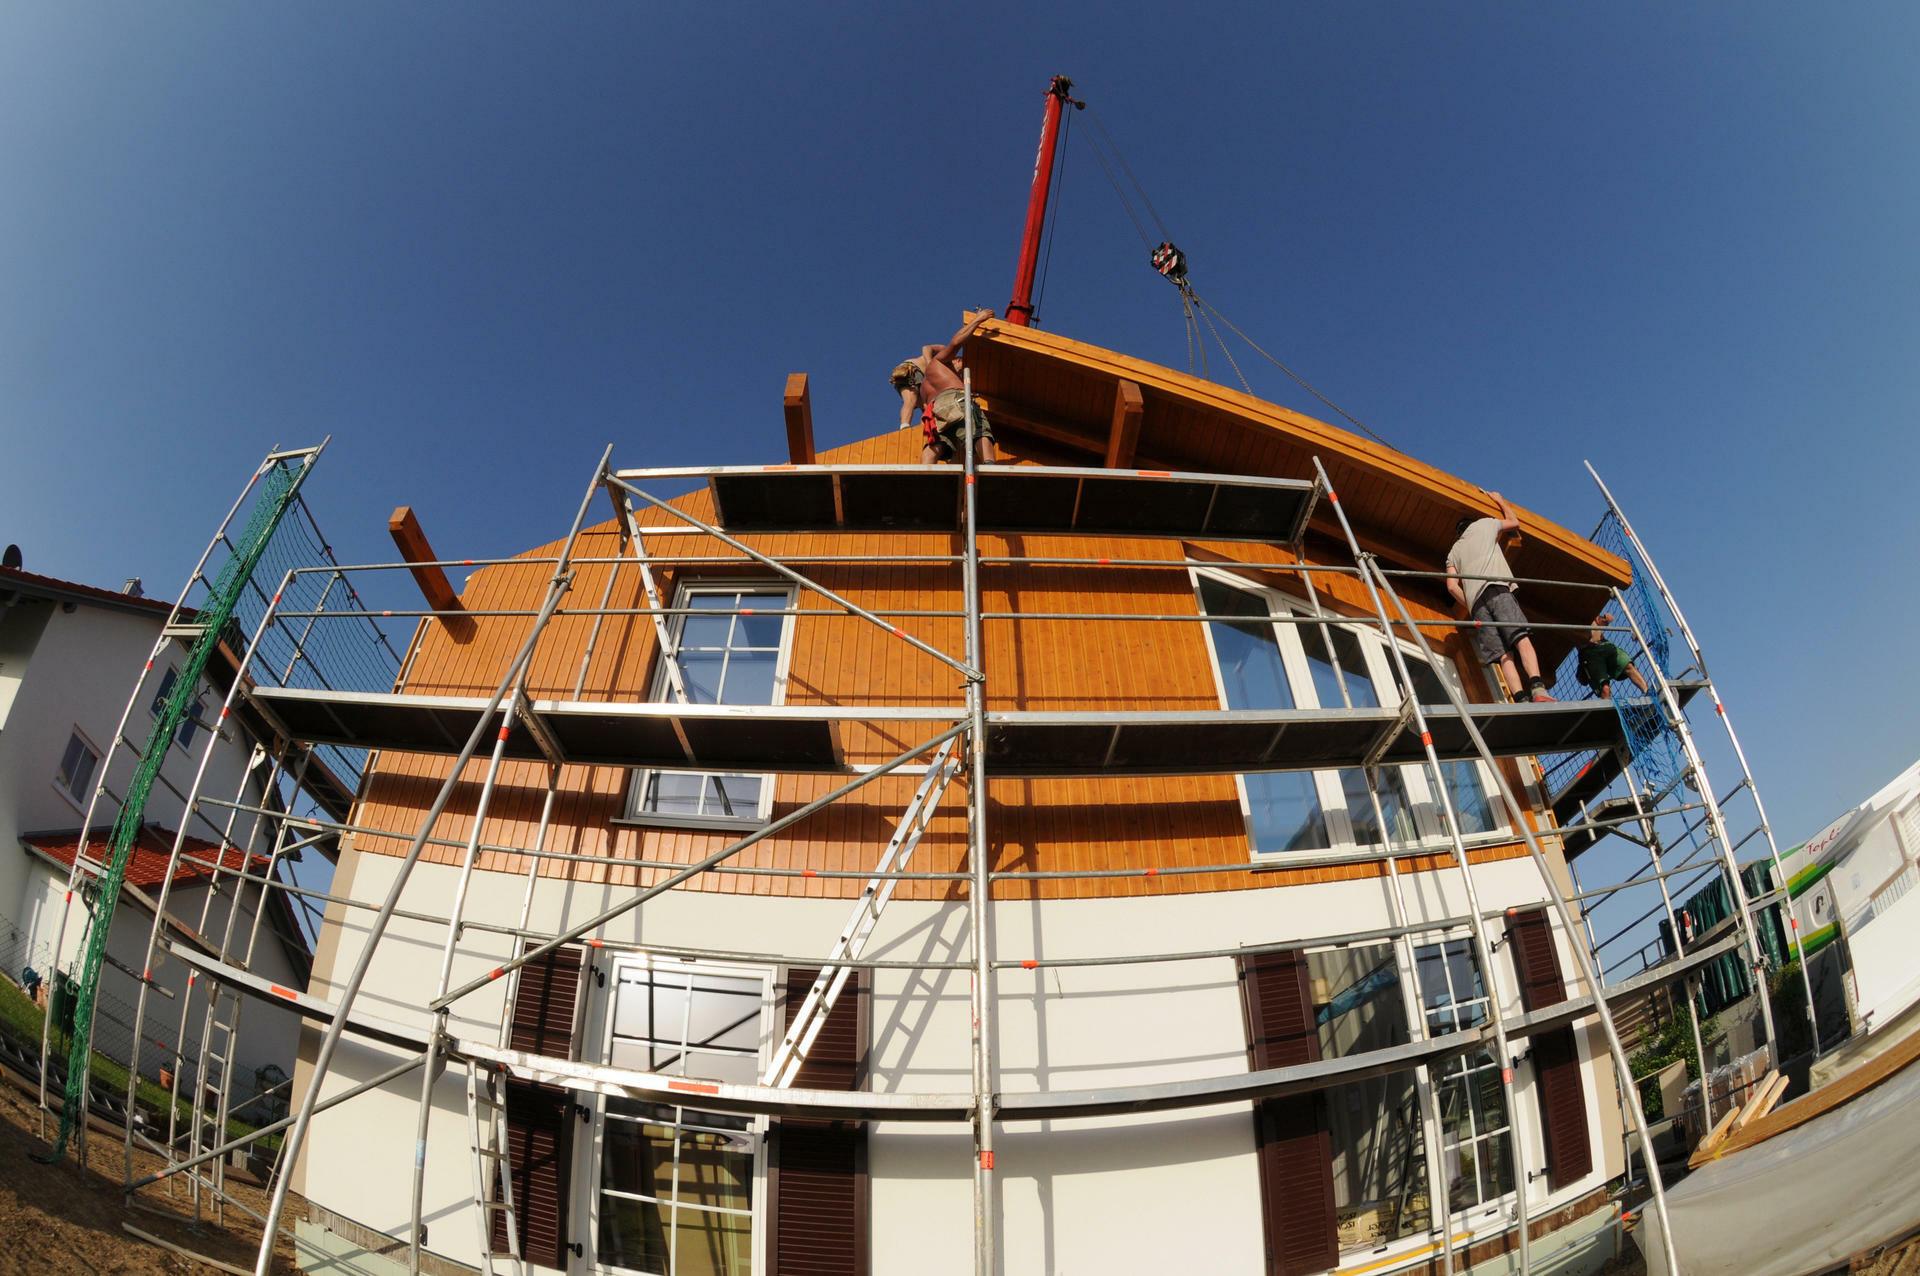 Immobilienfinanzierung Das Baugeld Dilemma